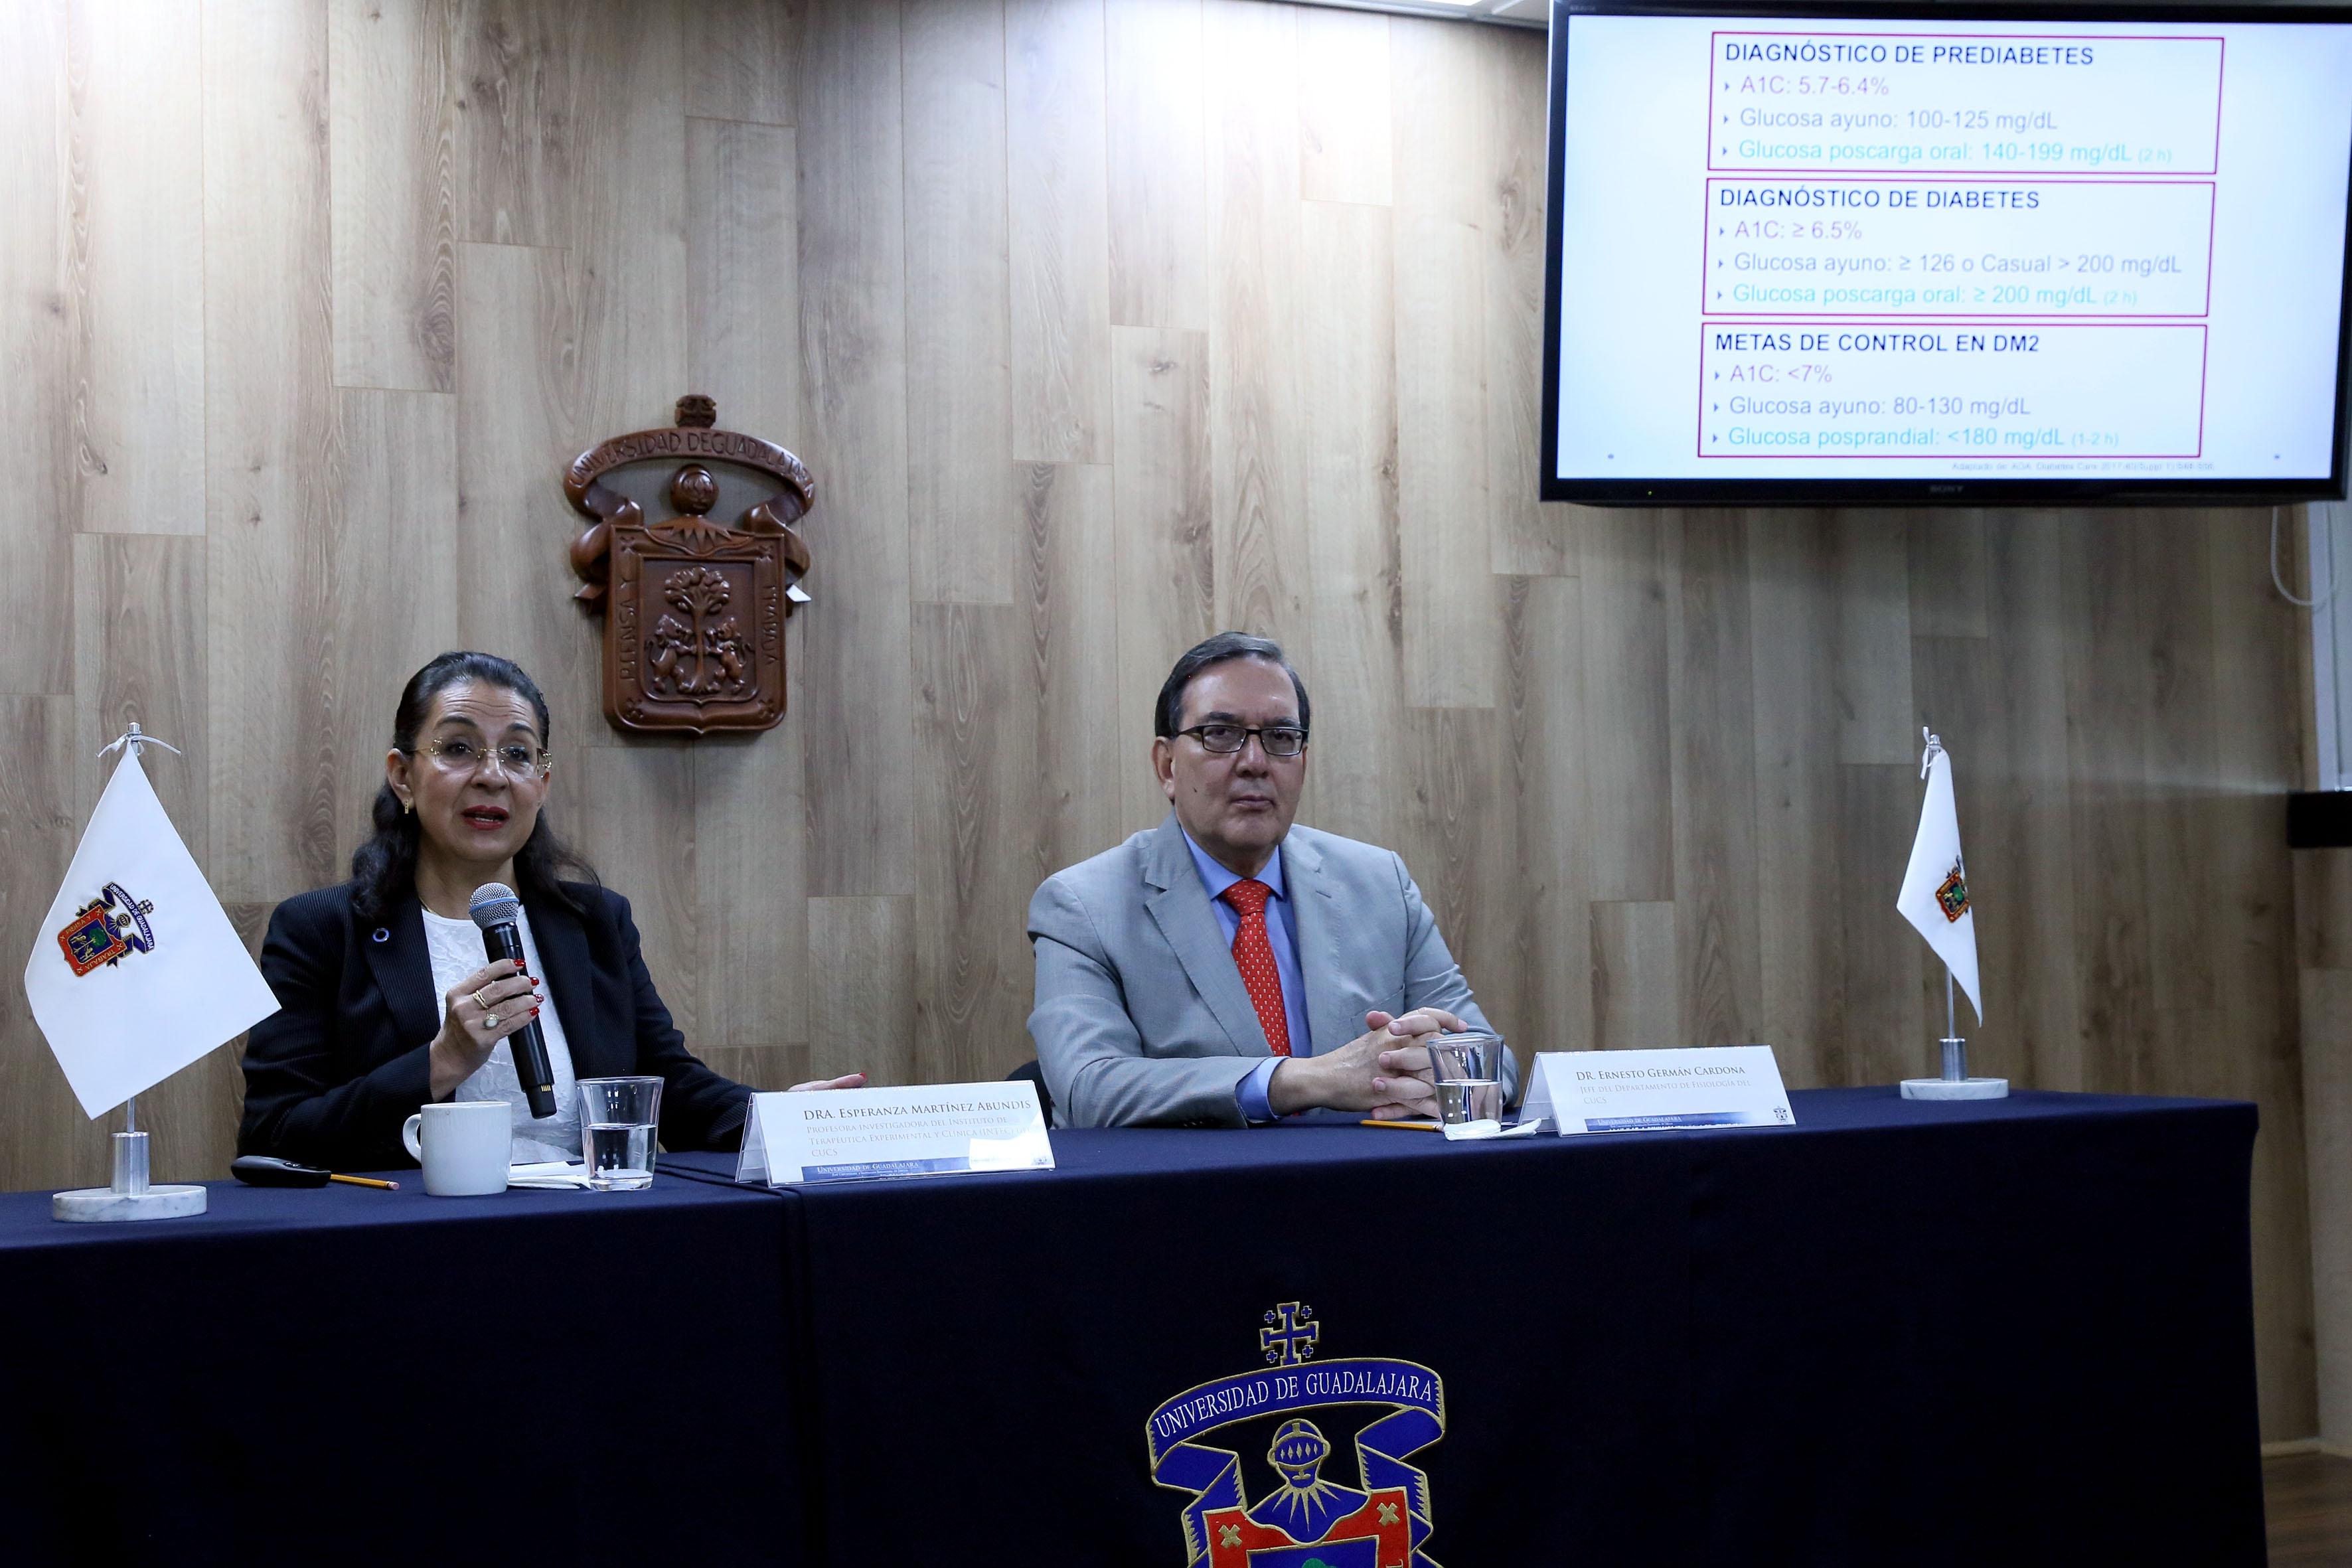 Jefe del Departamento de Fisiología del CUCS, doctor Ernesto Germán Cardona y doctora Esperanza Martínez Abundis, profesora investigadora del Intec, participando  en rueda de prensa.